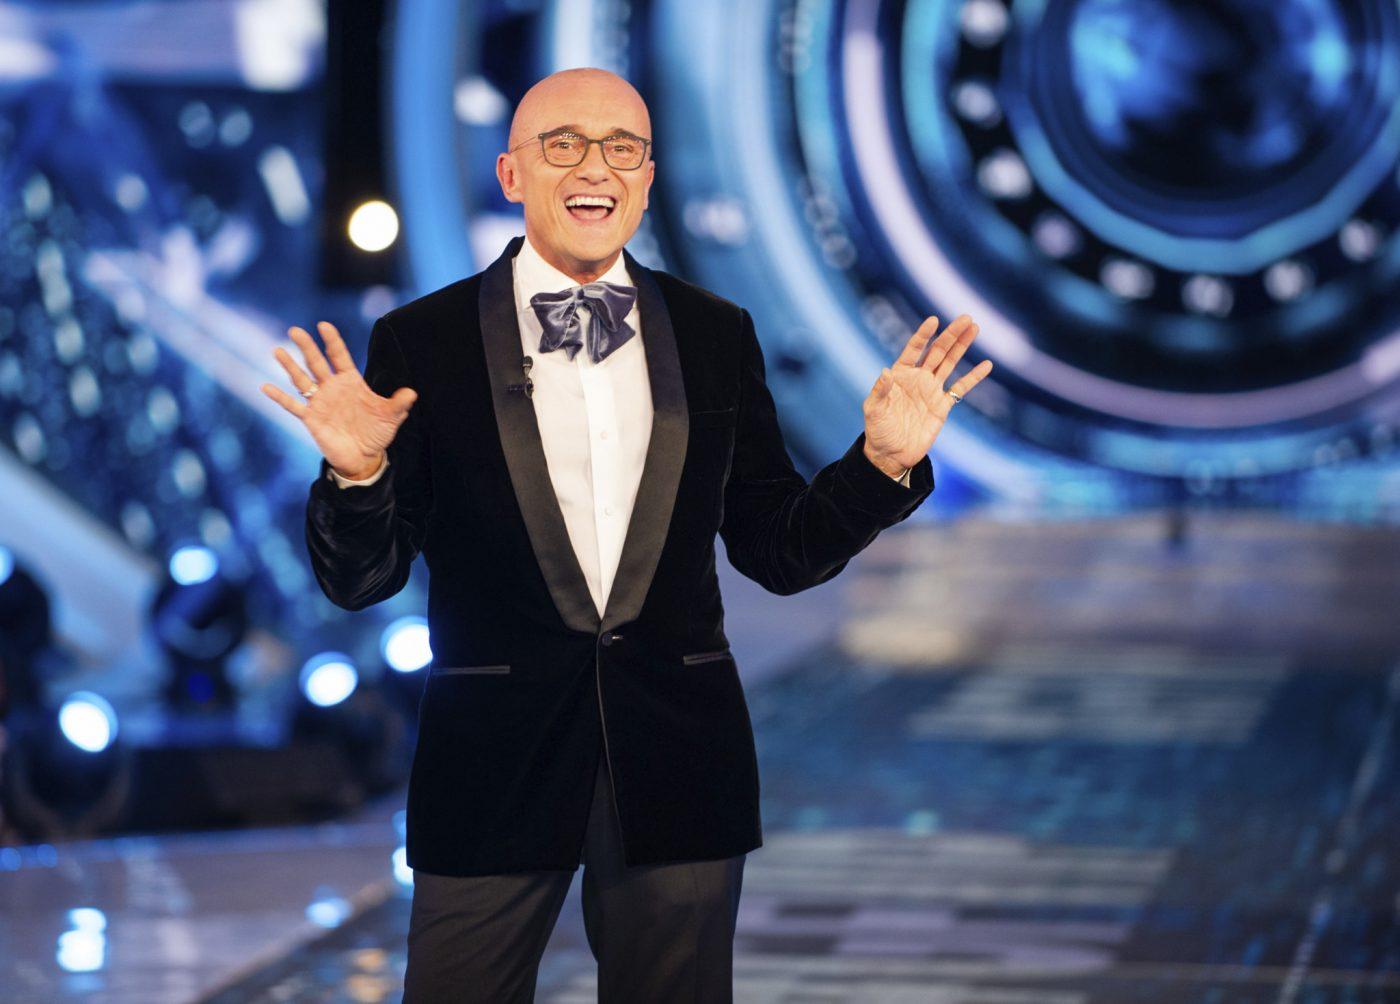 GF Vip, Alfonso Signorini svela il suo concorrente preferito a poche ore dalla finale: chi è